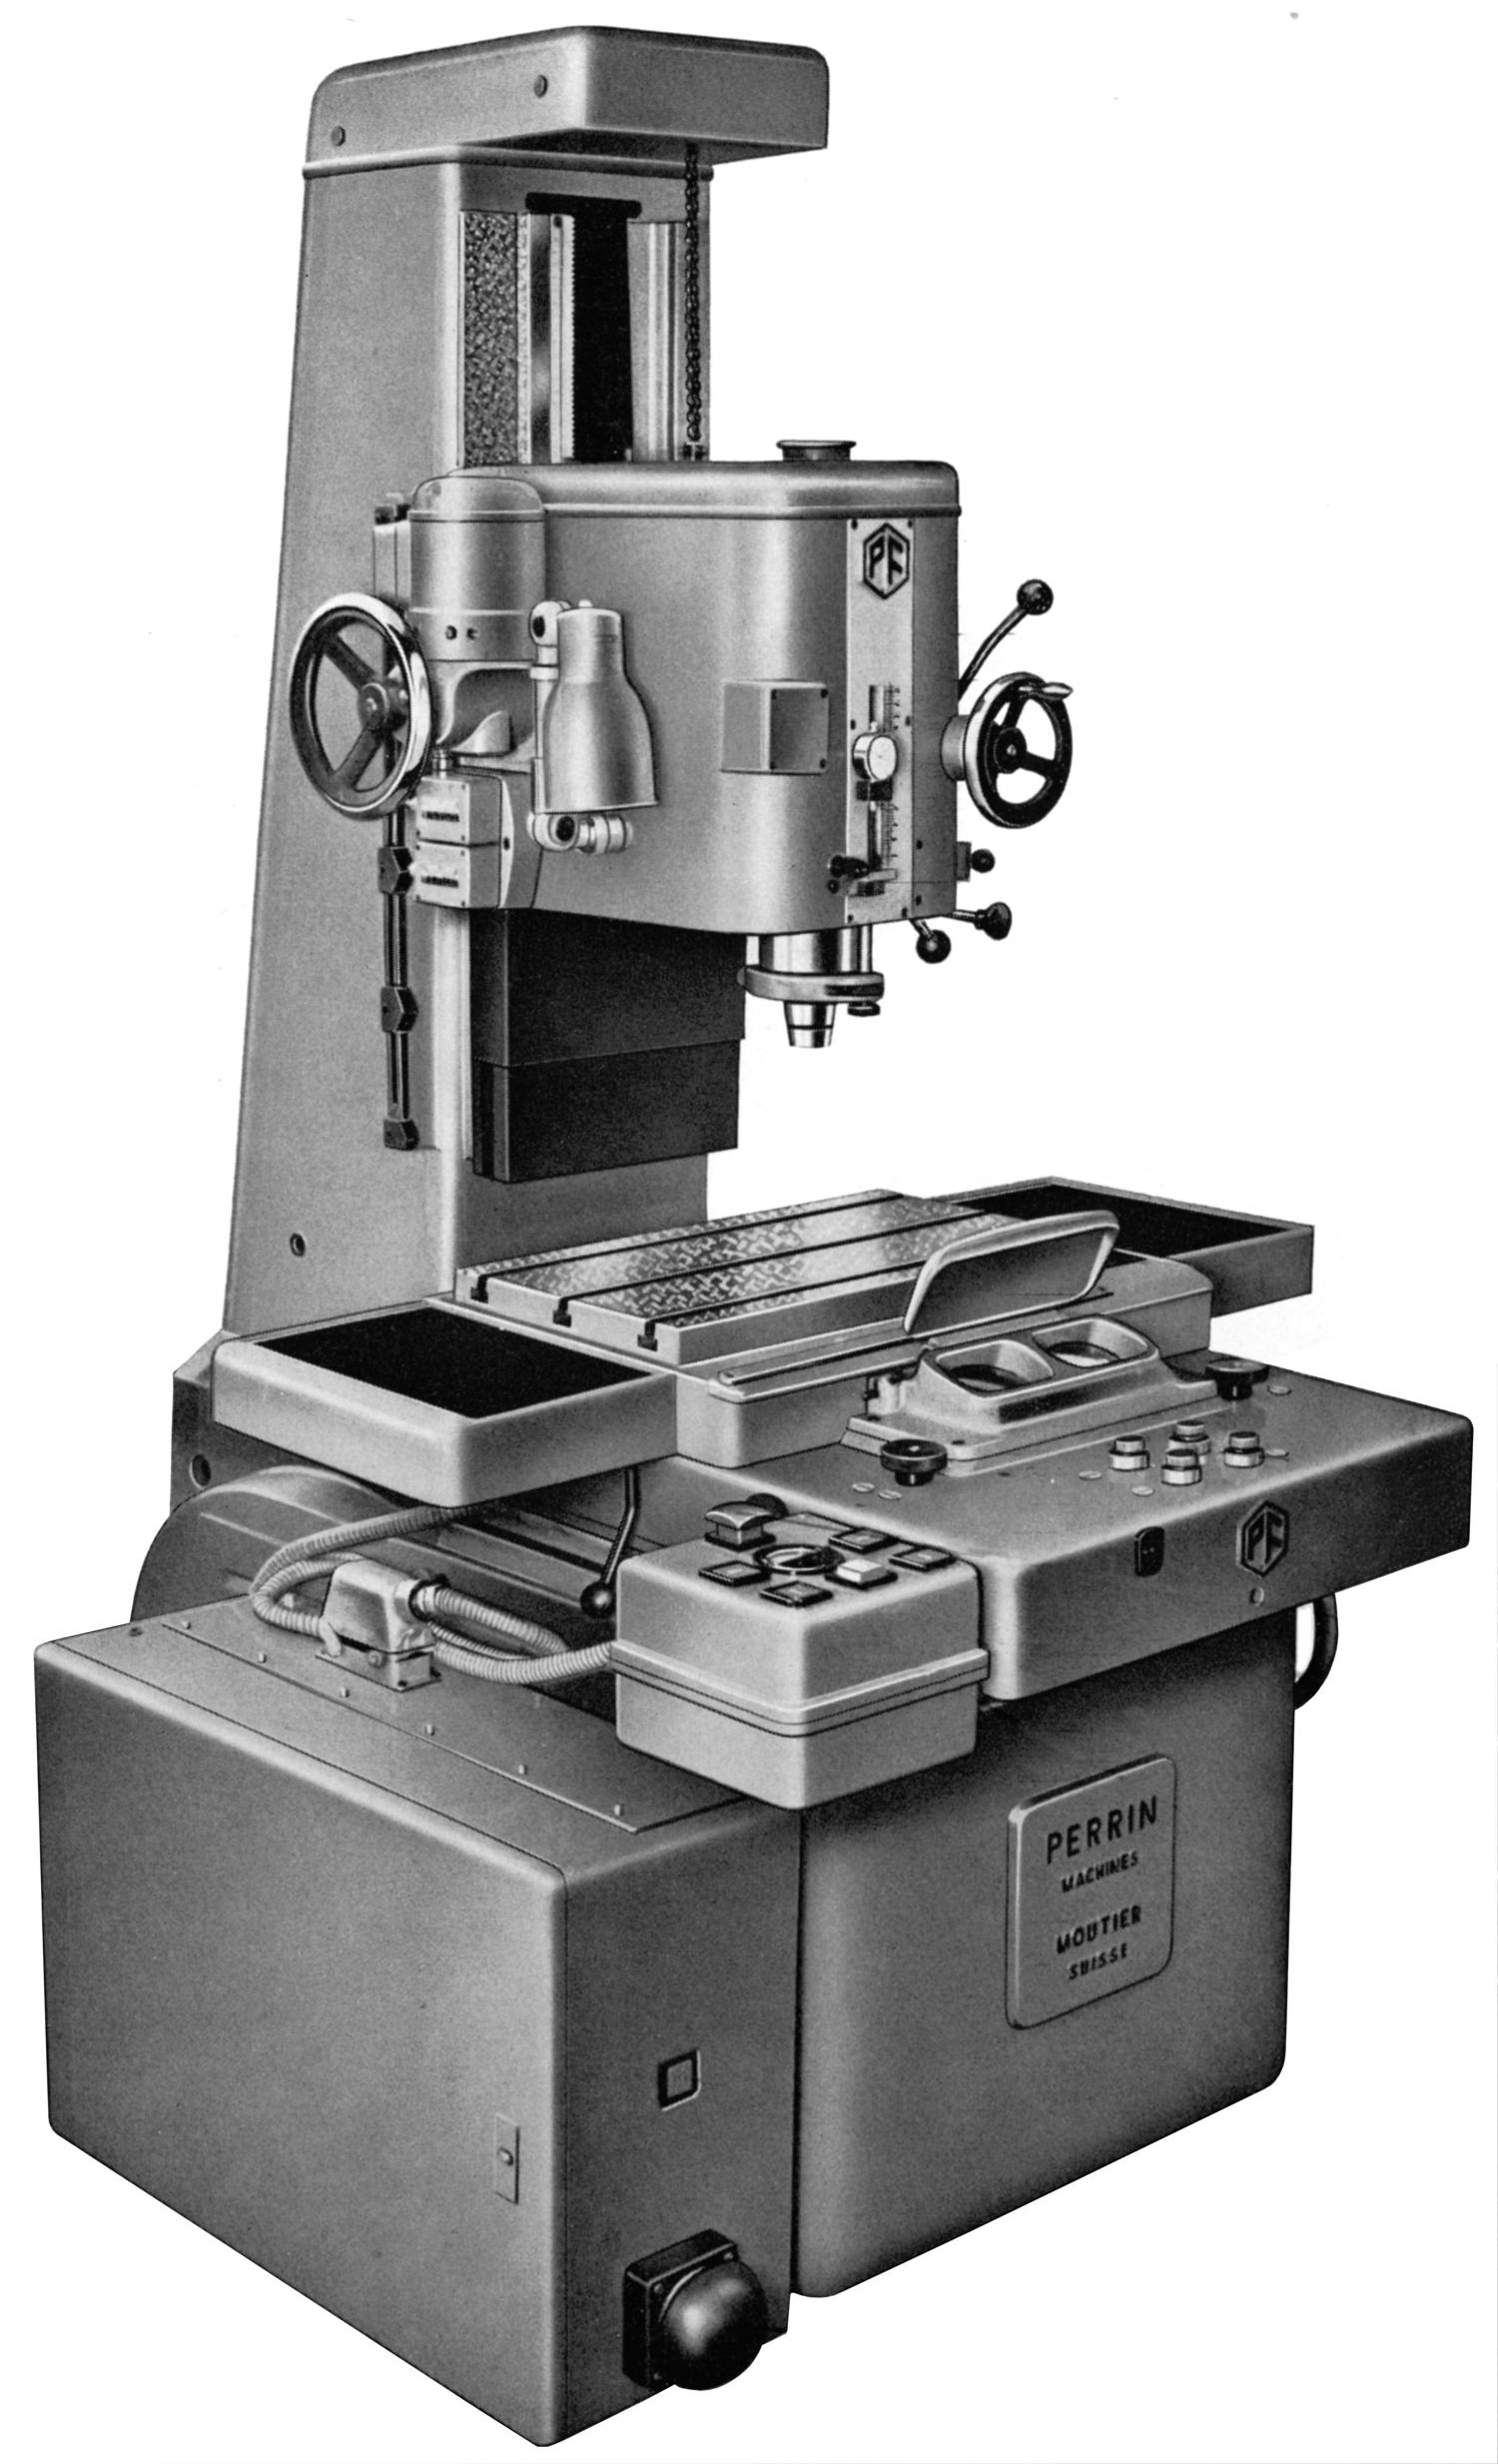 Perrin Av2 Optical Jig Borer